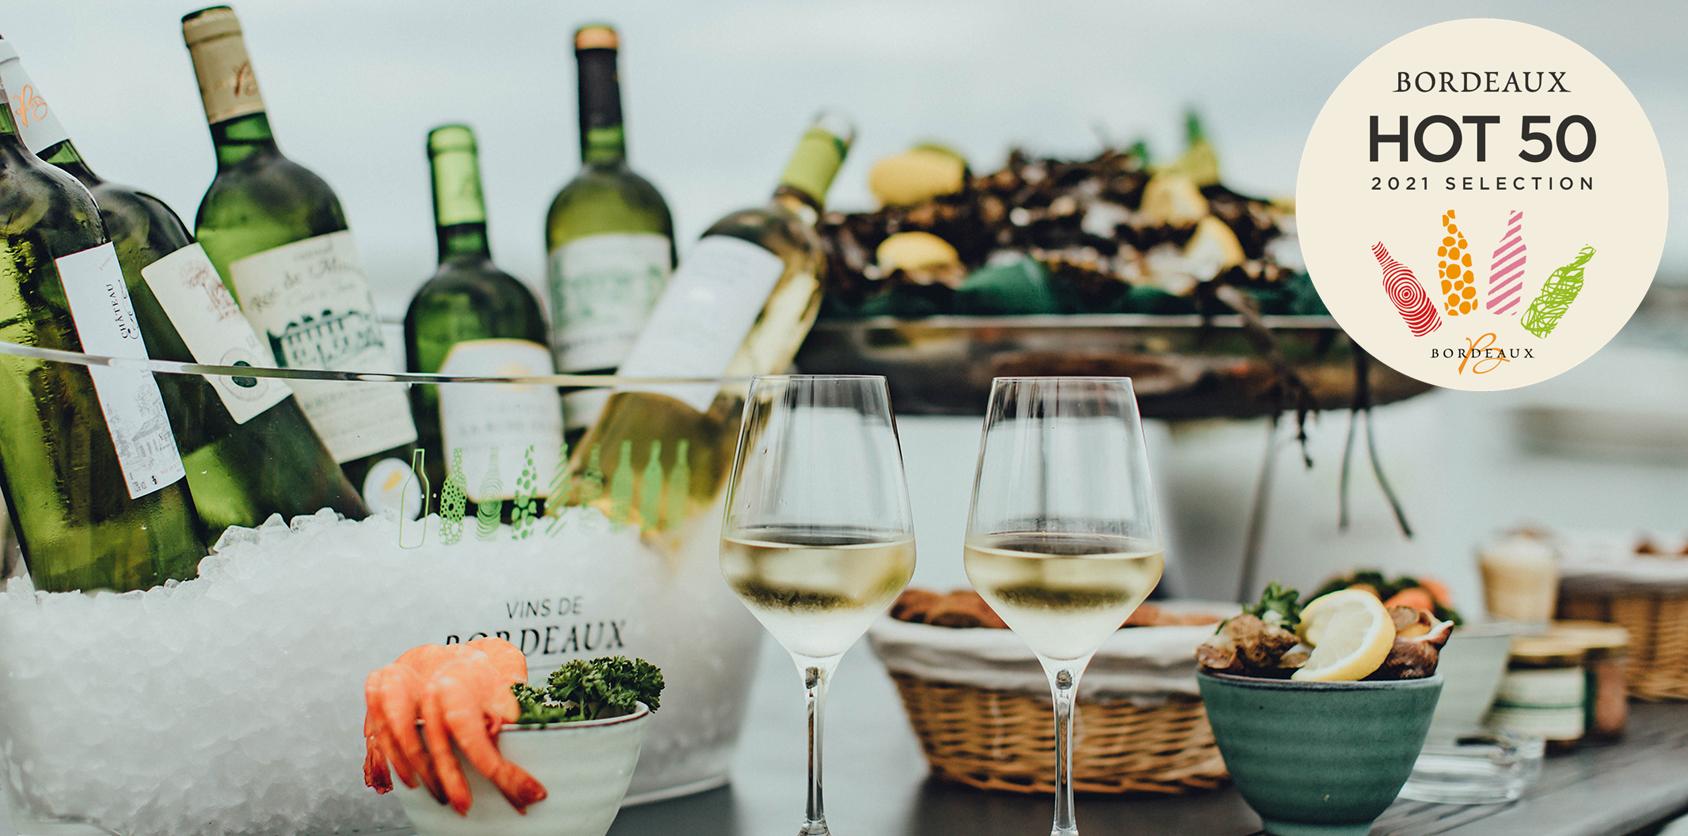 Hot 50 Bordeaux 2021 Selection